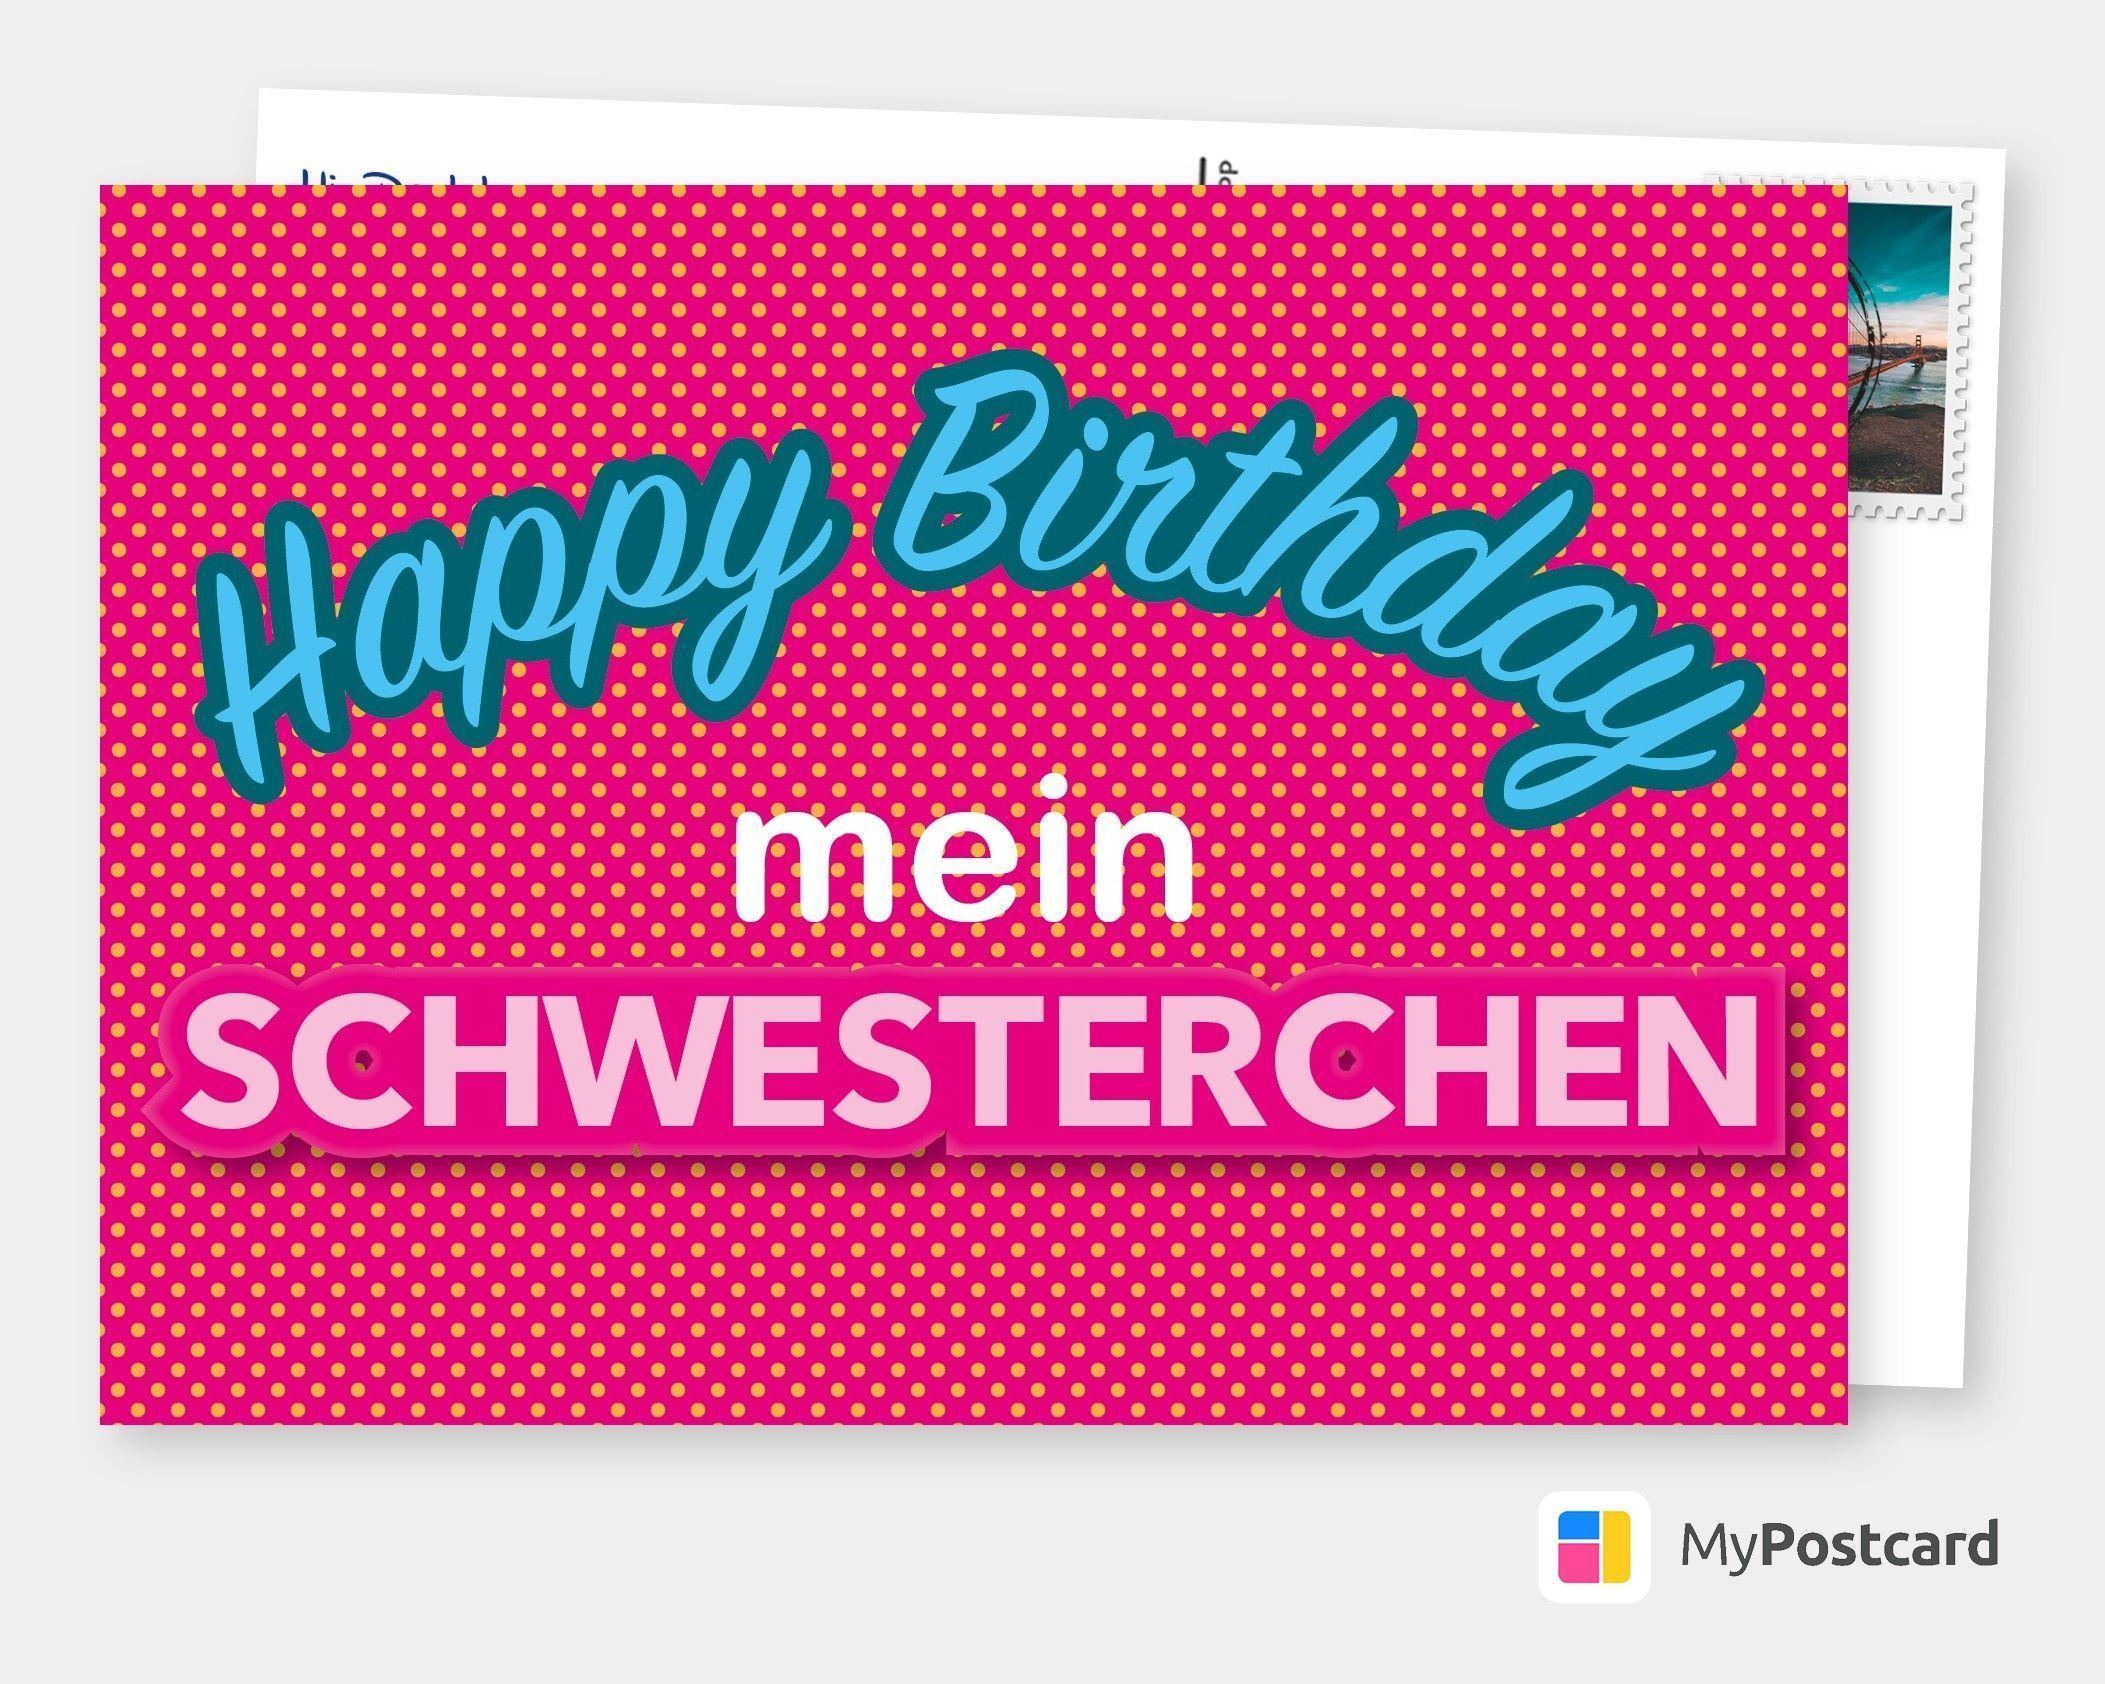 Geburtstagsgrusse Gluckwunsche Zu Ihrem Geburtstag Alles Gute